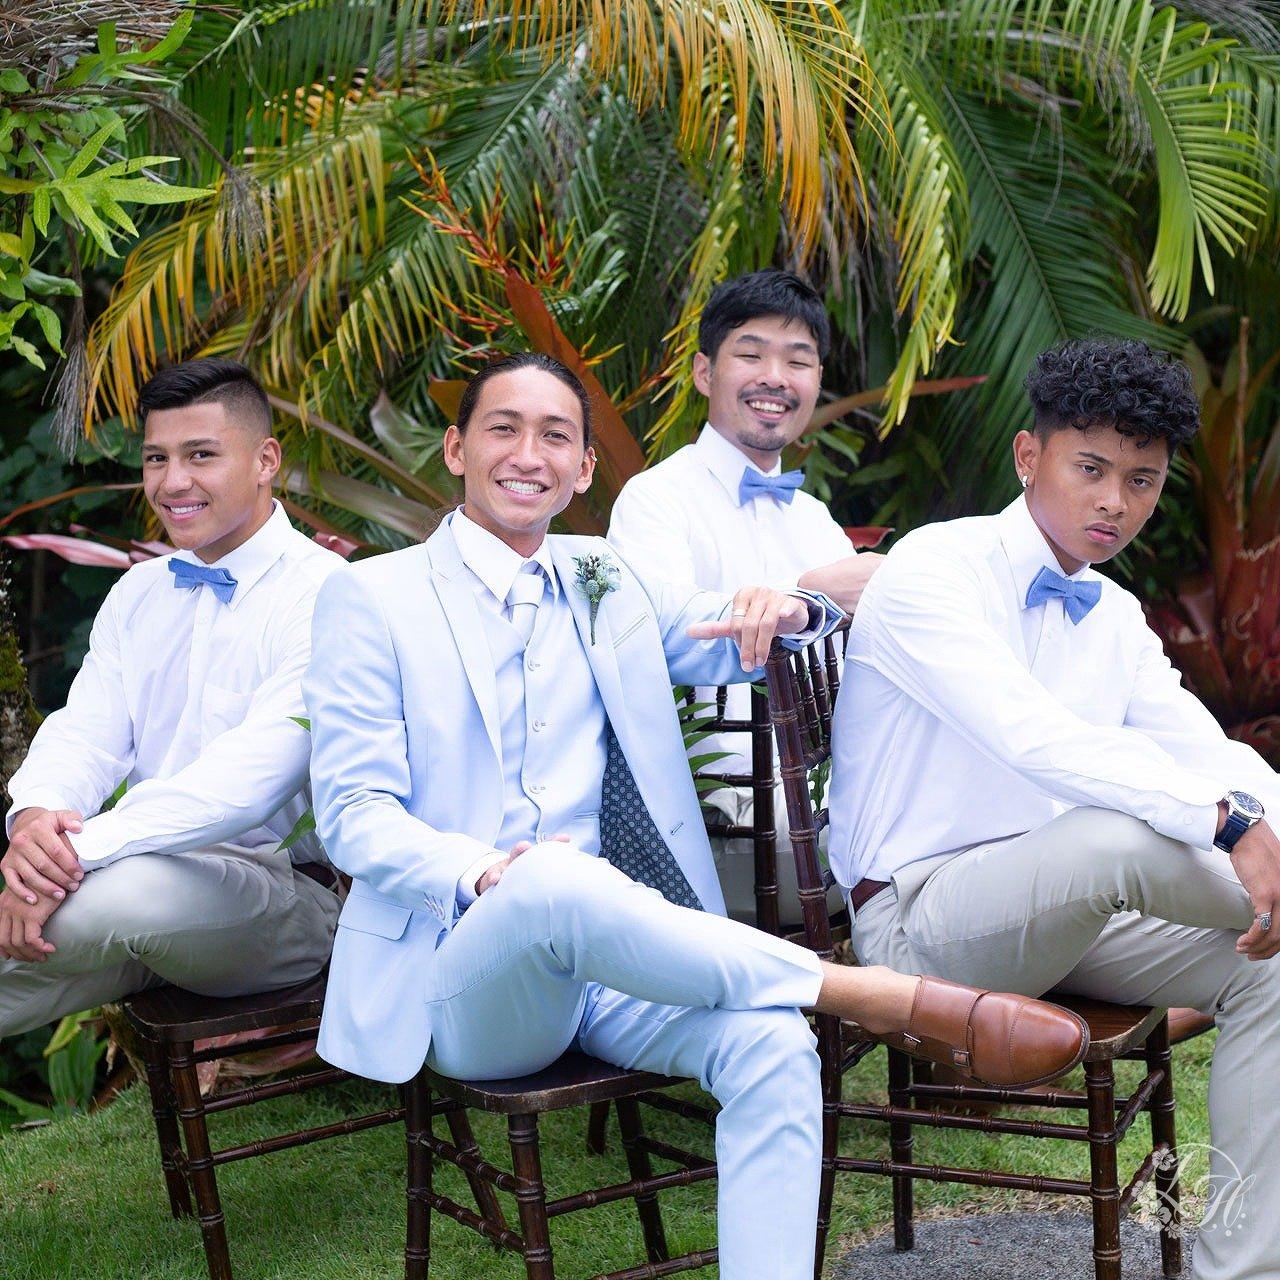 ハワイのグルームズマン